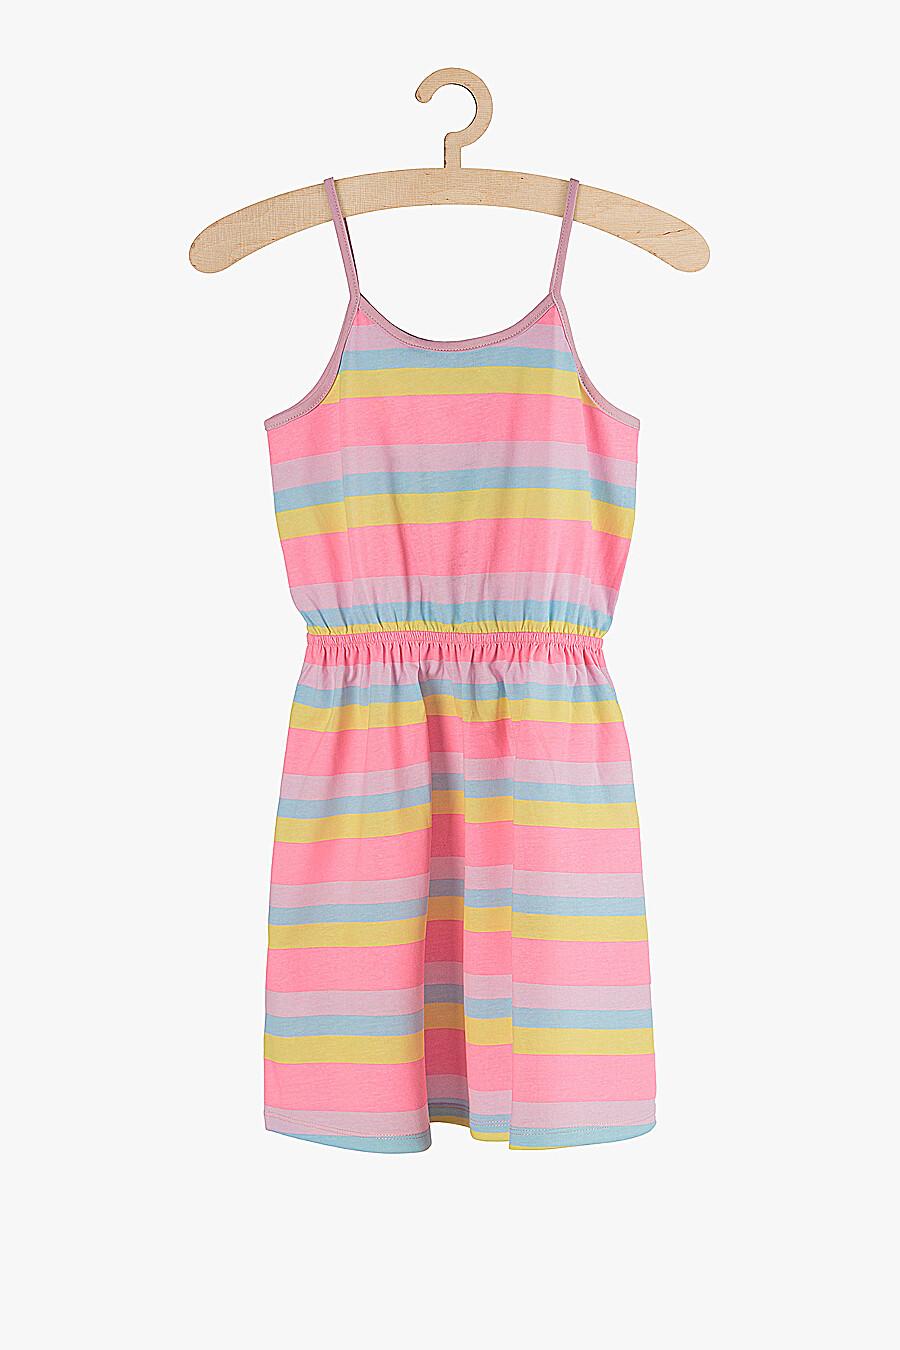 Платье 5.10.15 (218386), купить в Moyo.moda